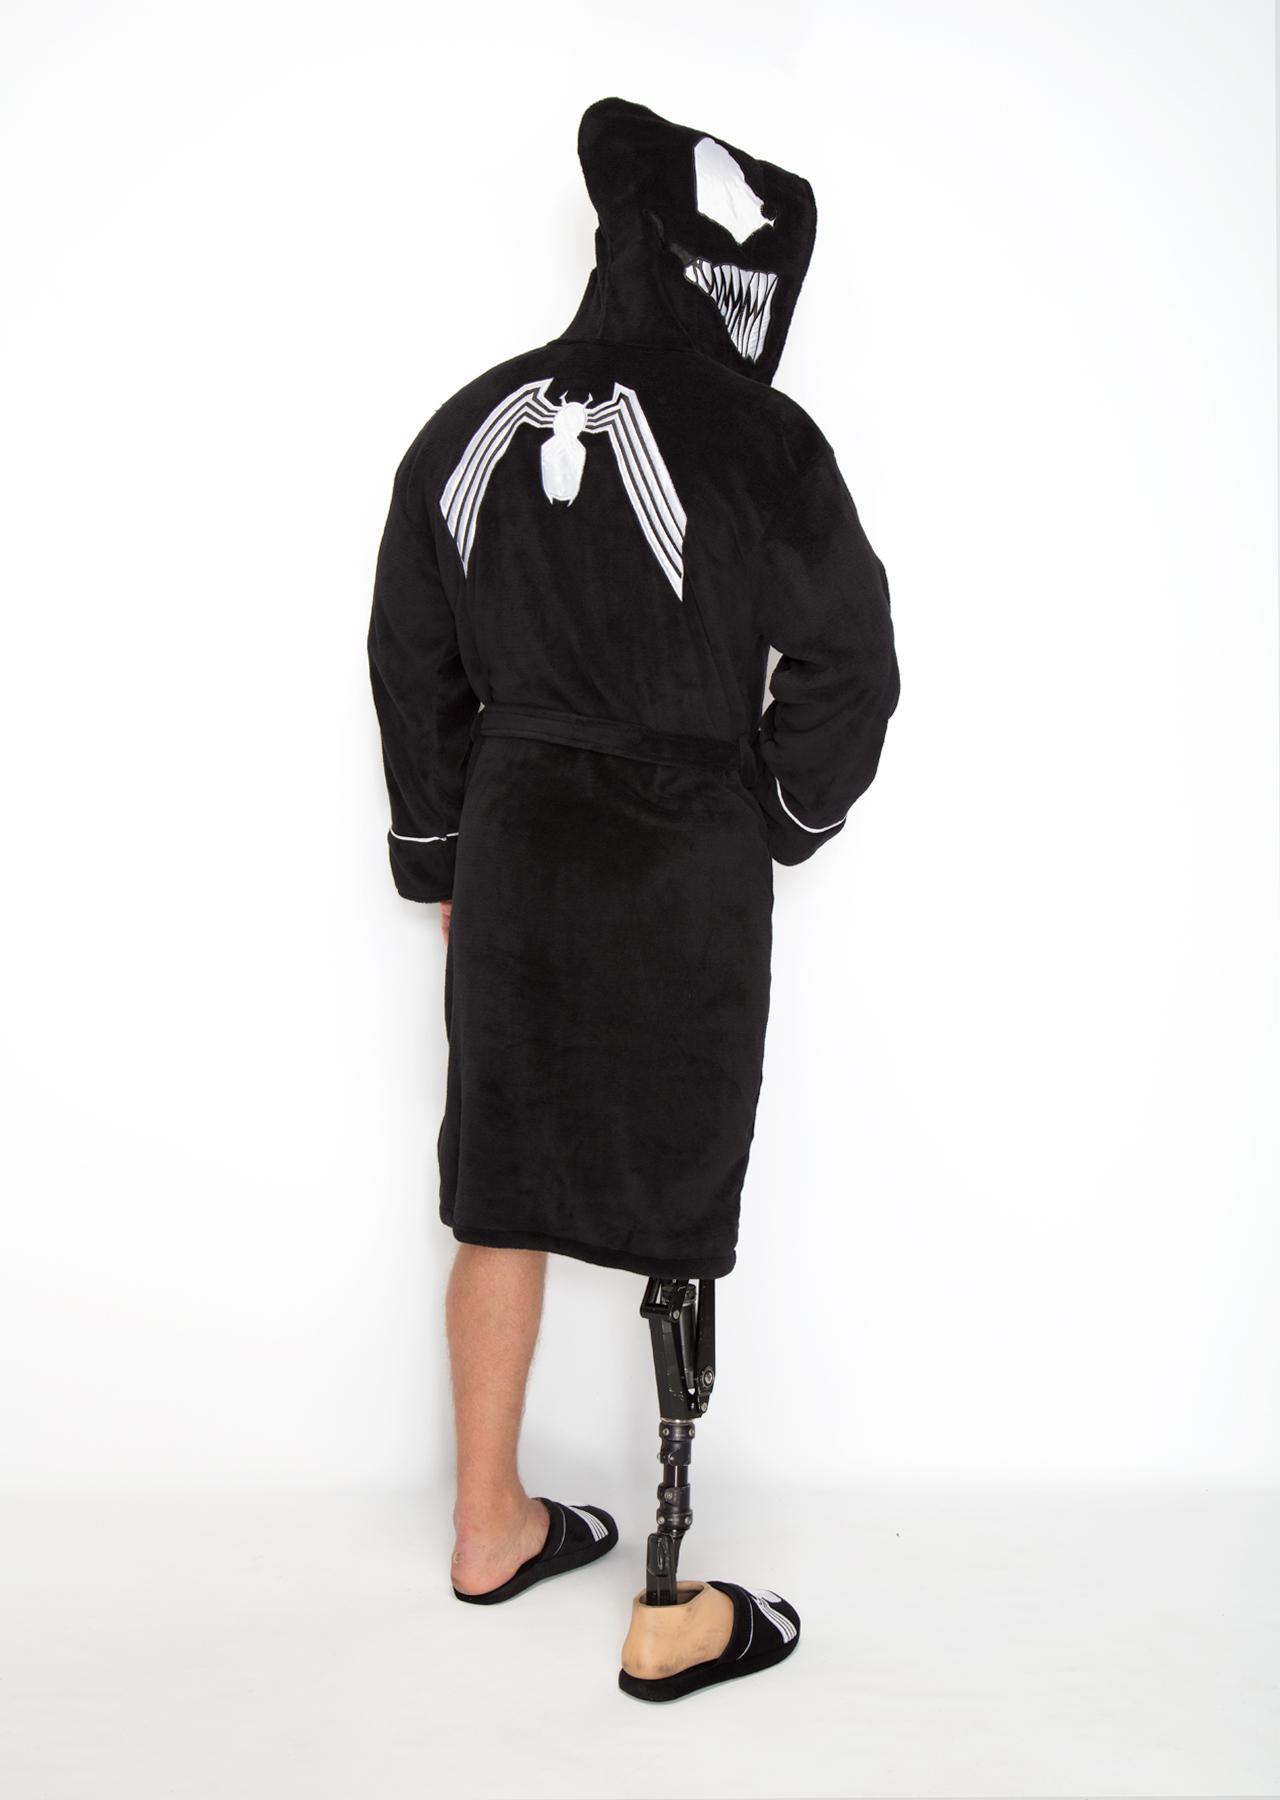 ... 91978 Venom Robe Mens Side Logo 1280x1800  91978 Venom Robe Mens Side Front 1280x1800  91978 Venom Robe Mens Back 1280x1800 c15de9f66